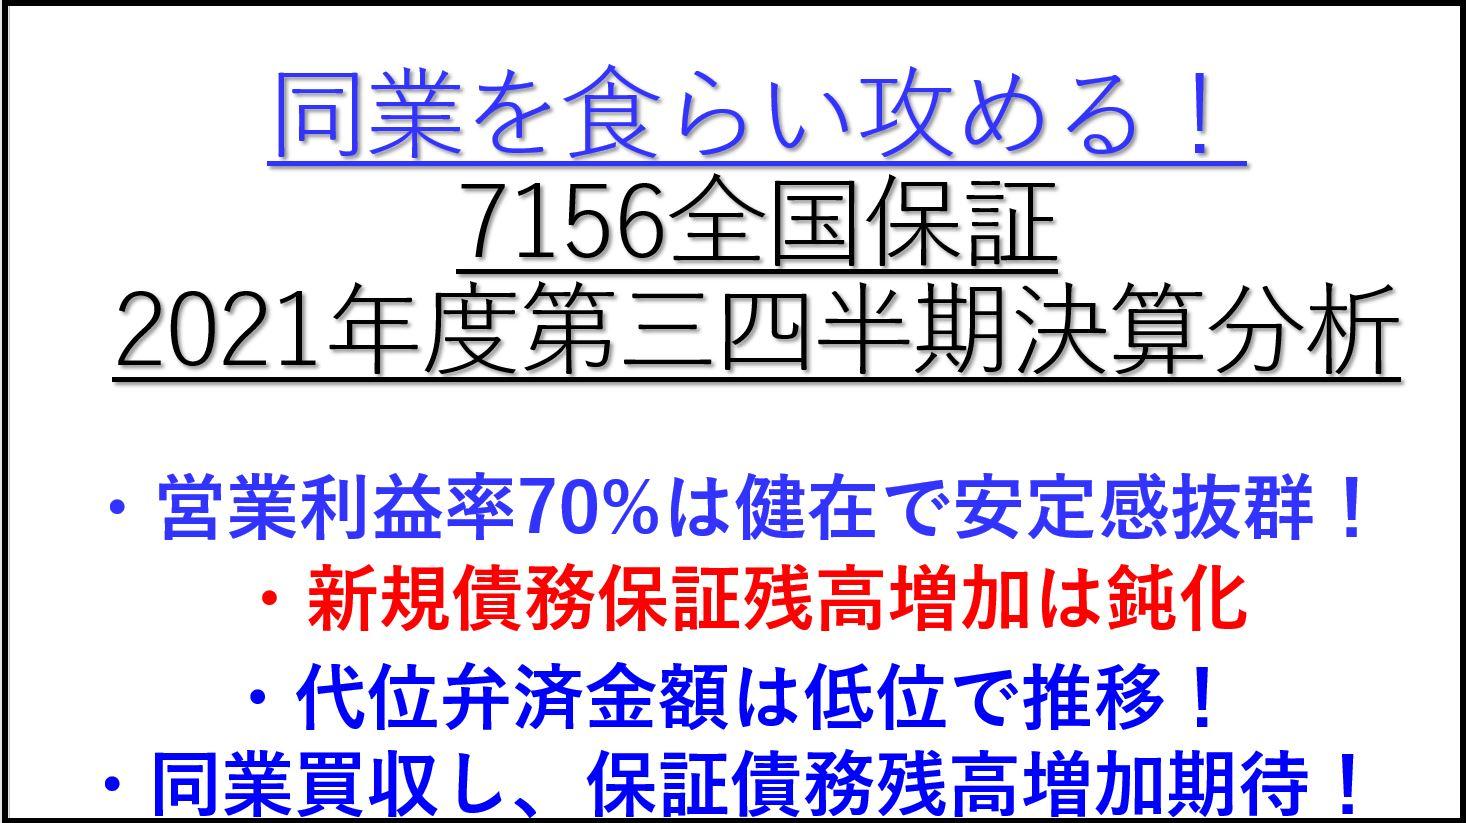 7156全国保証-2021年第三四半期決算分析